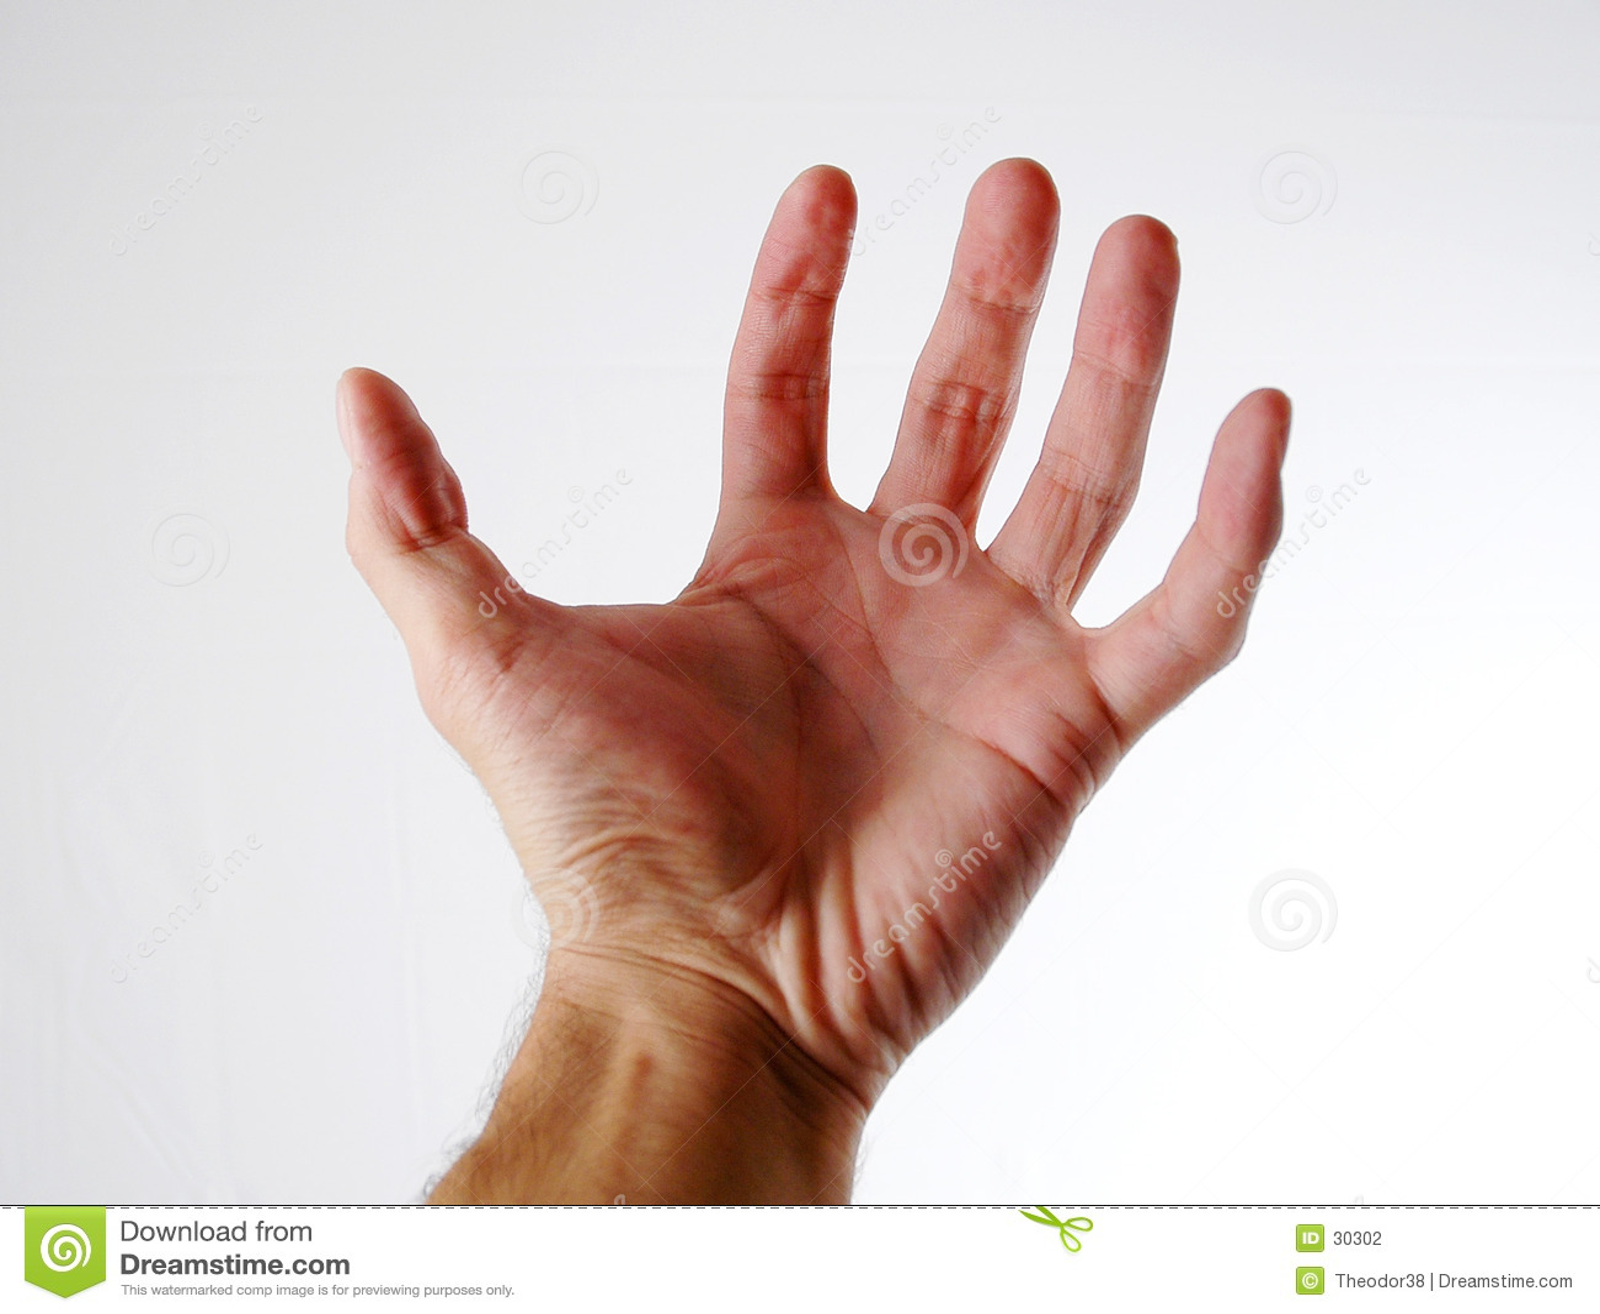 1 hand